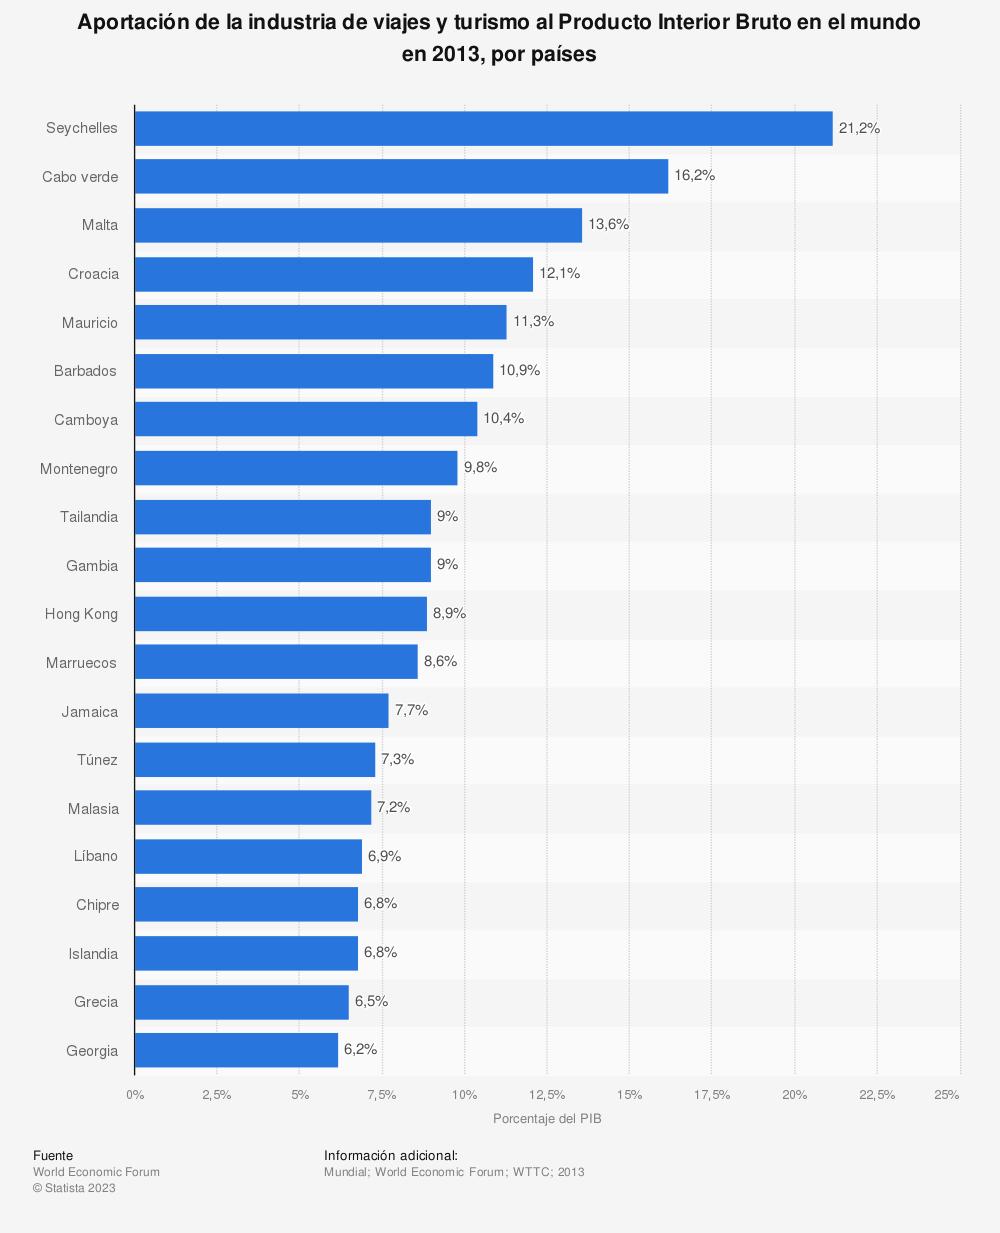 Estadística: Aportación de la industria de viajes y turismo al Producto Interior Bruto en el mundo en 2013, por países | Statista